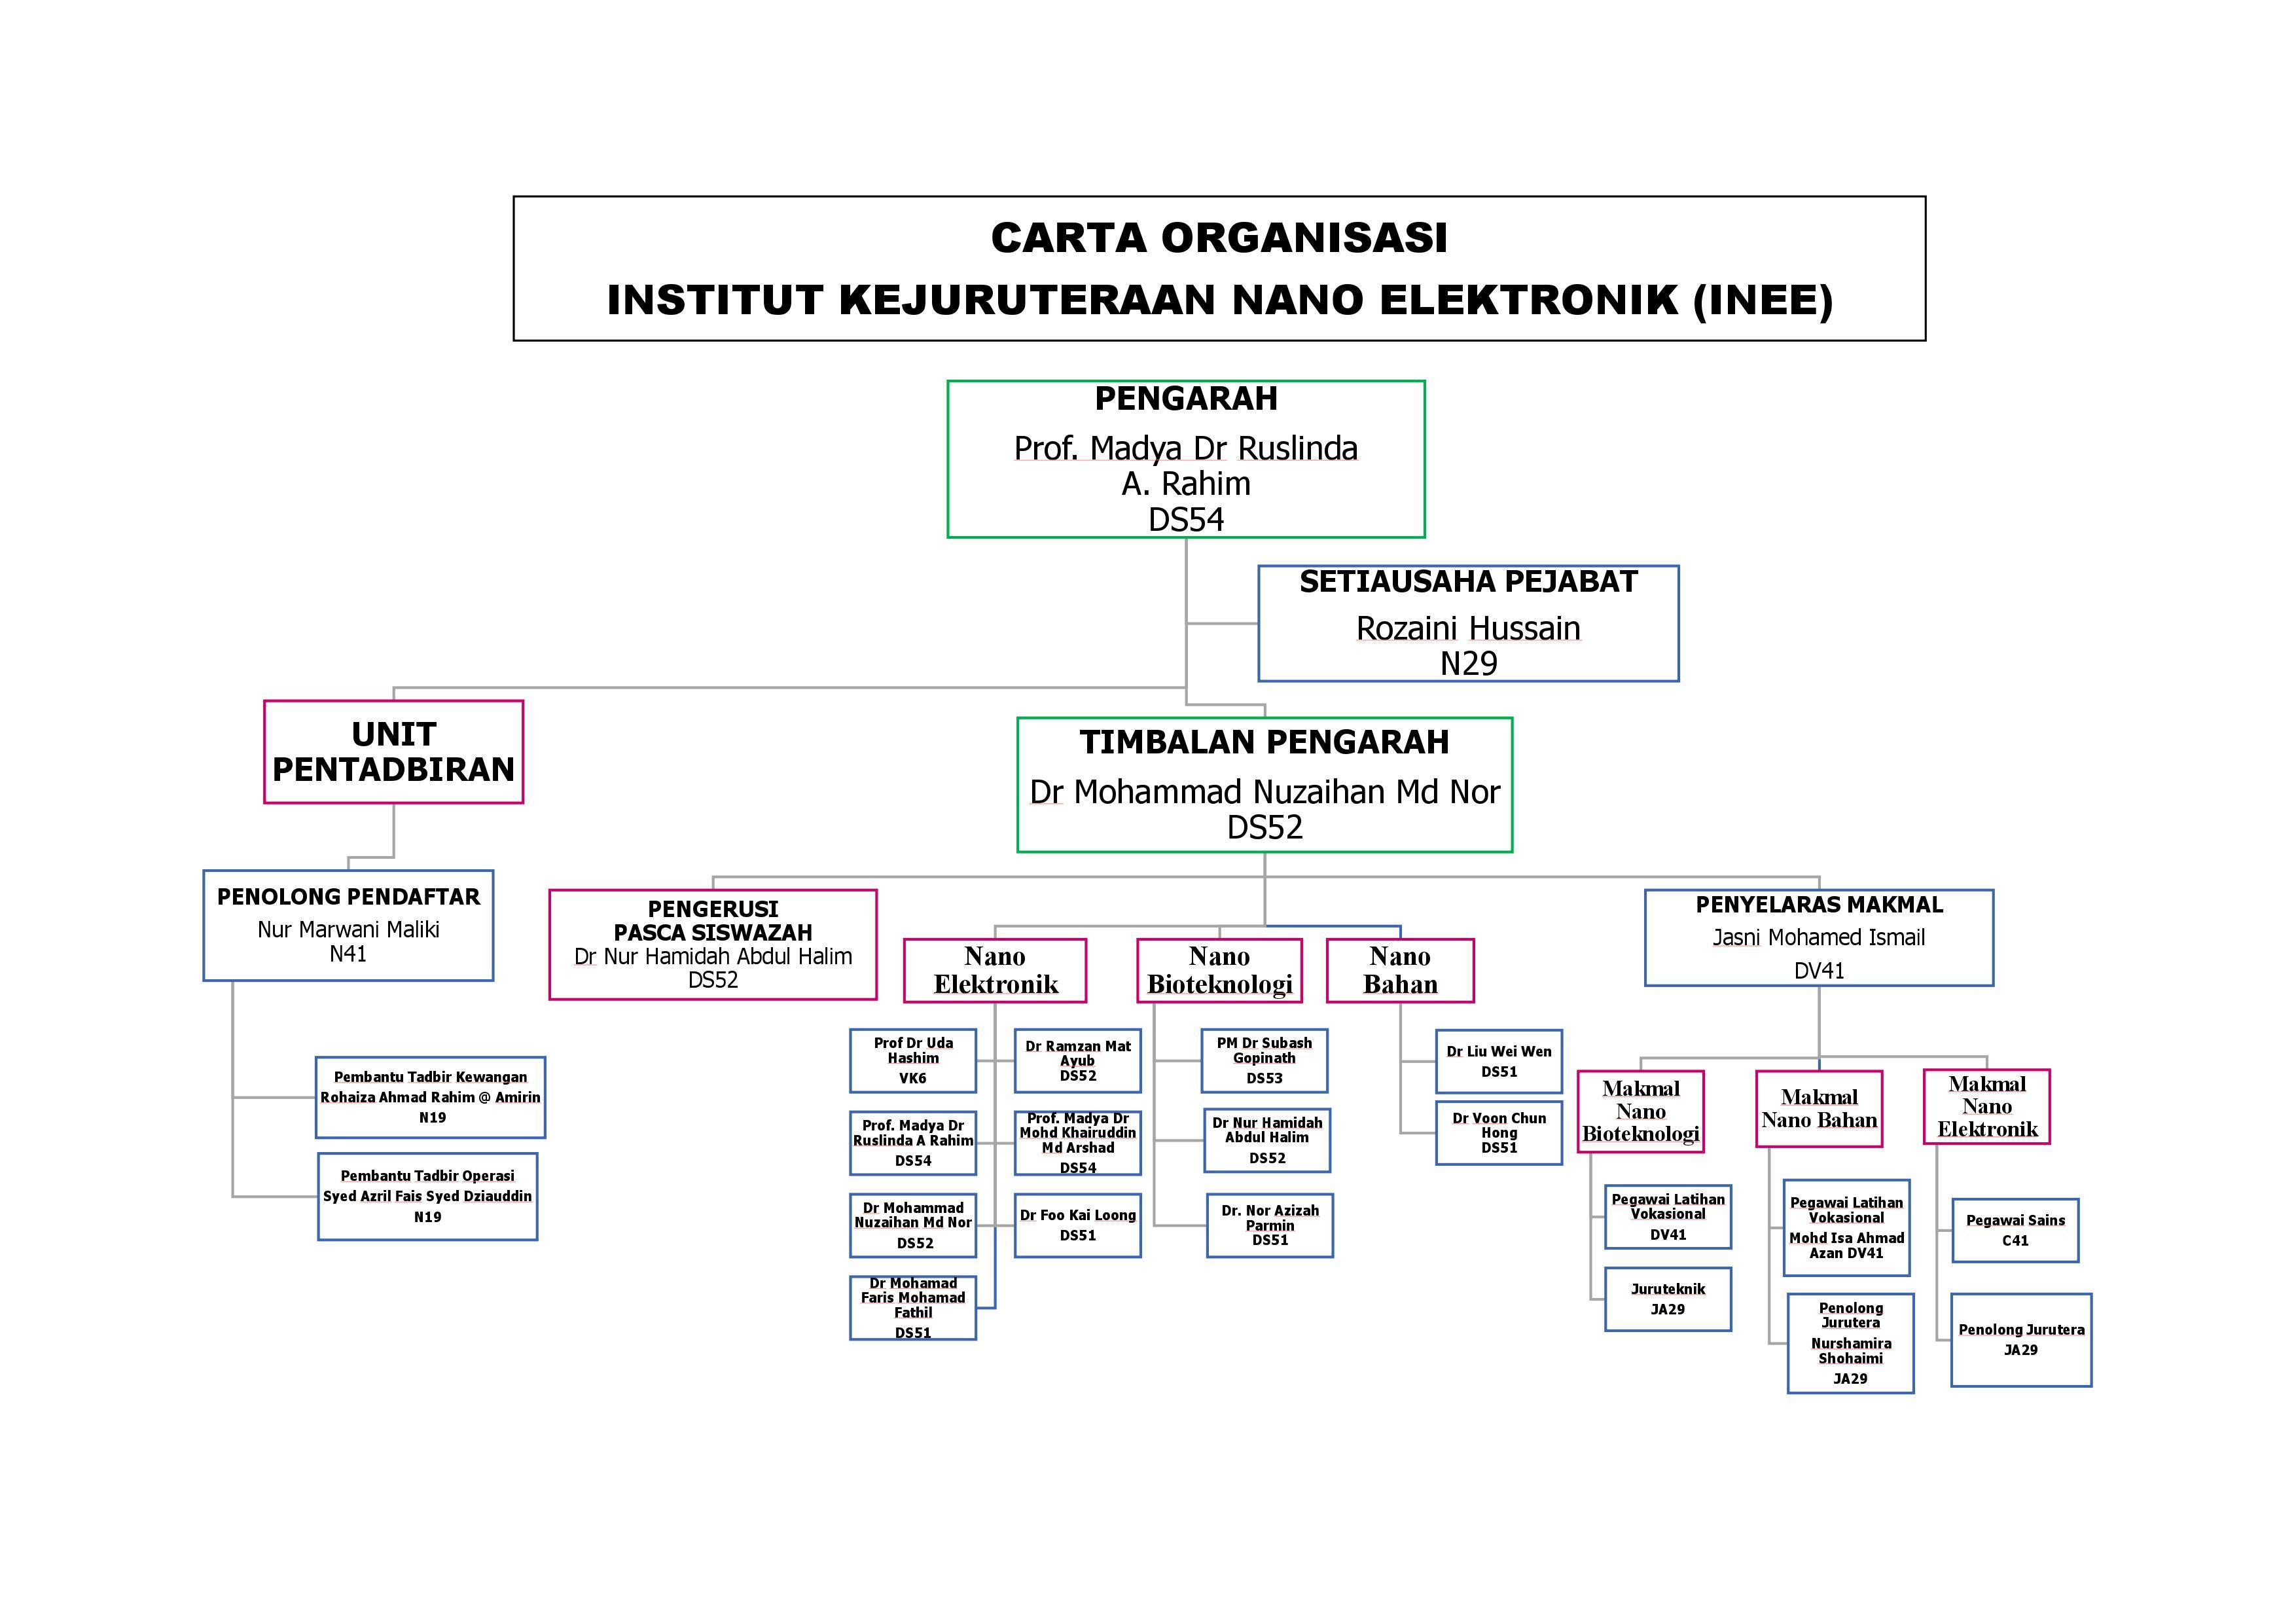 INEE Organization Chart